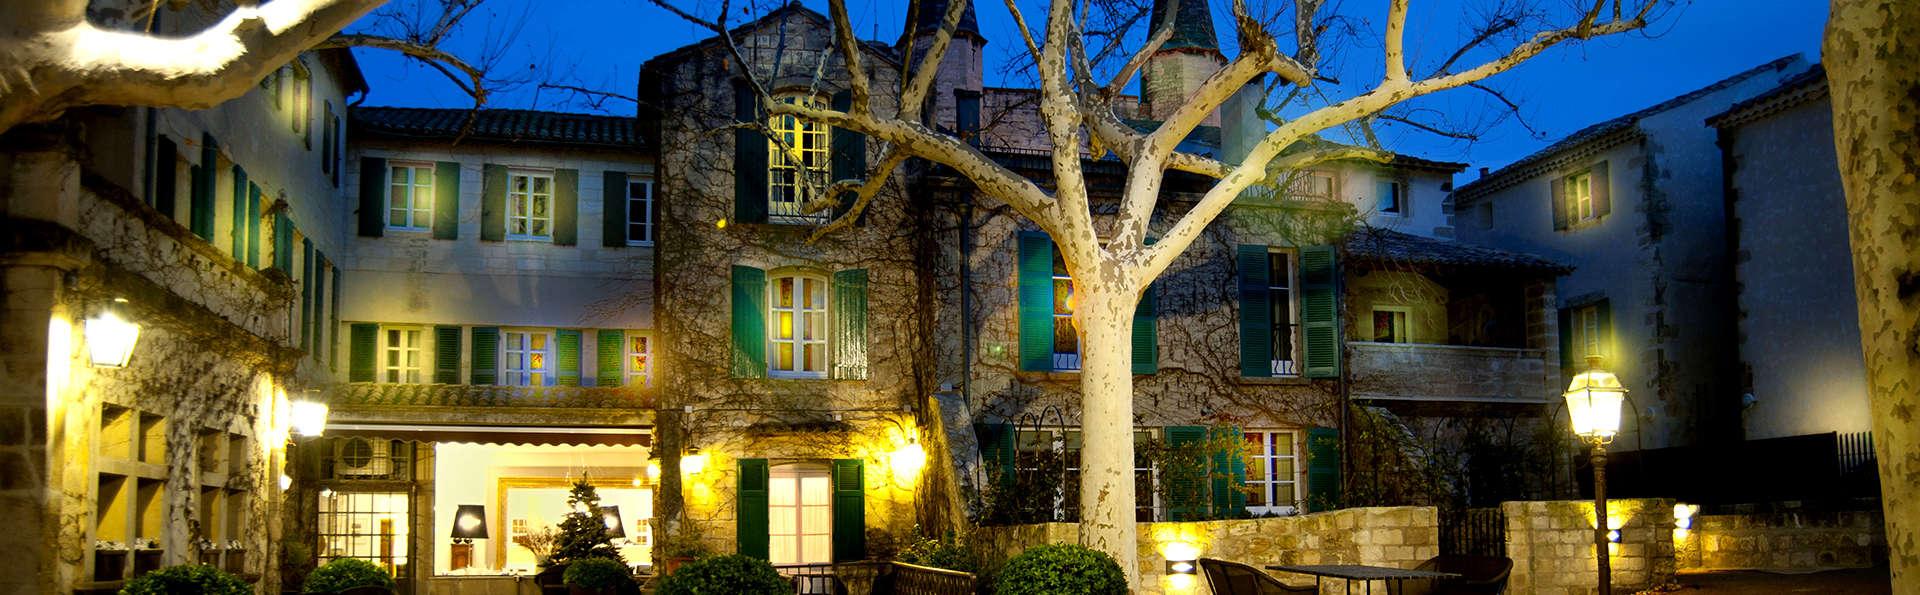 Week-end prestige en suite et dîner gastronomique 5 plats en restaurant étoilé près d'Avignon